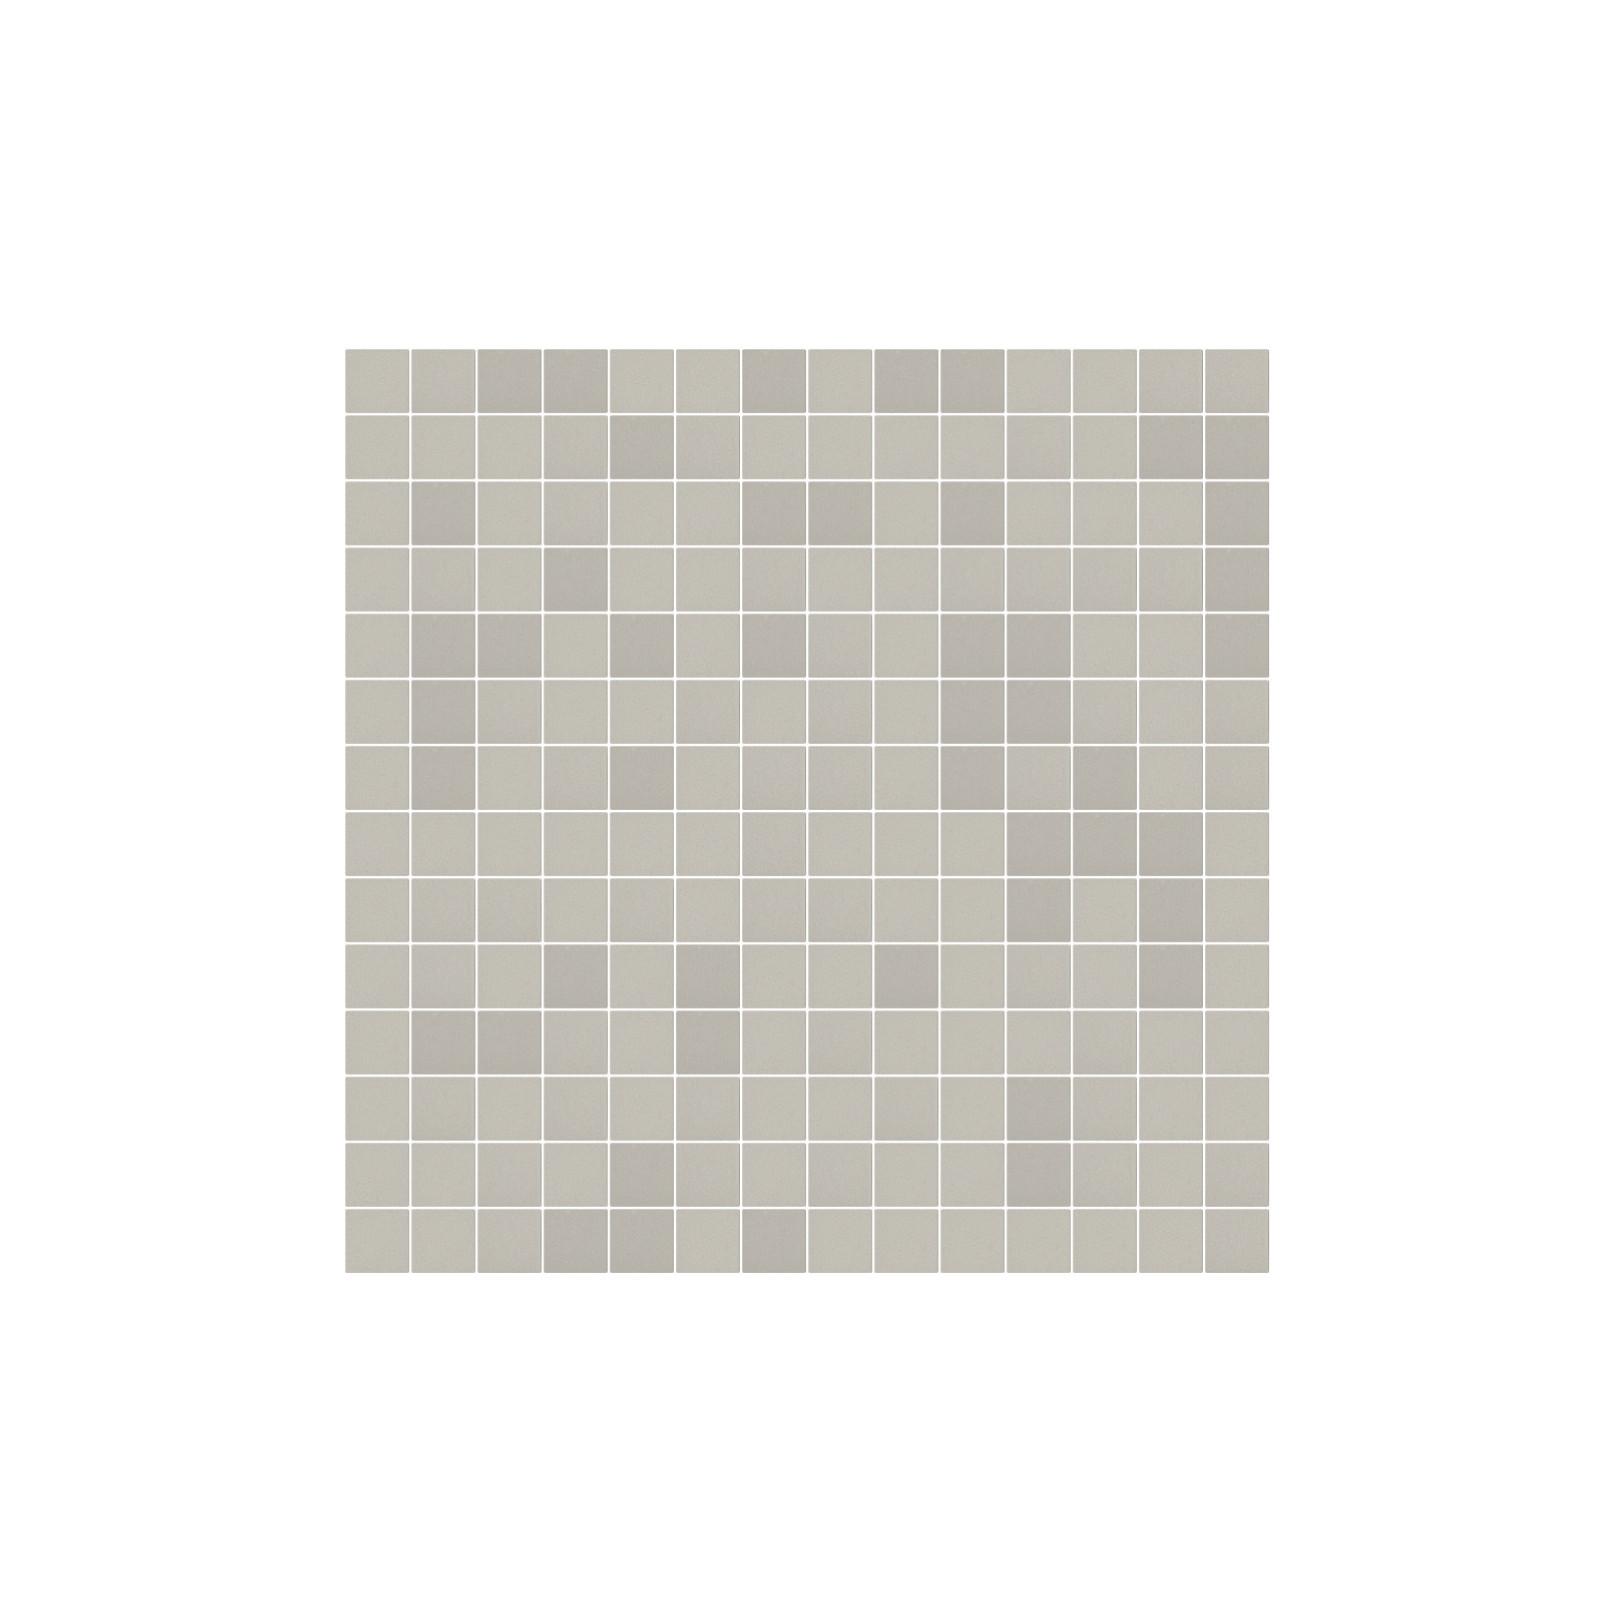 Mosaïque Stone carré 2,3x2,3cm taupe 570 sur trame nylon 33,3x33,3cm